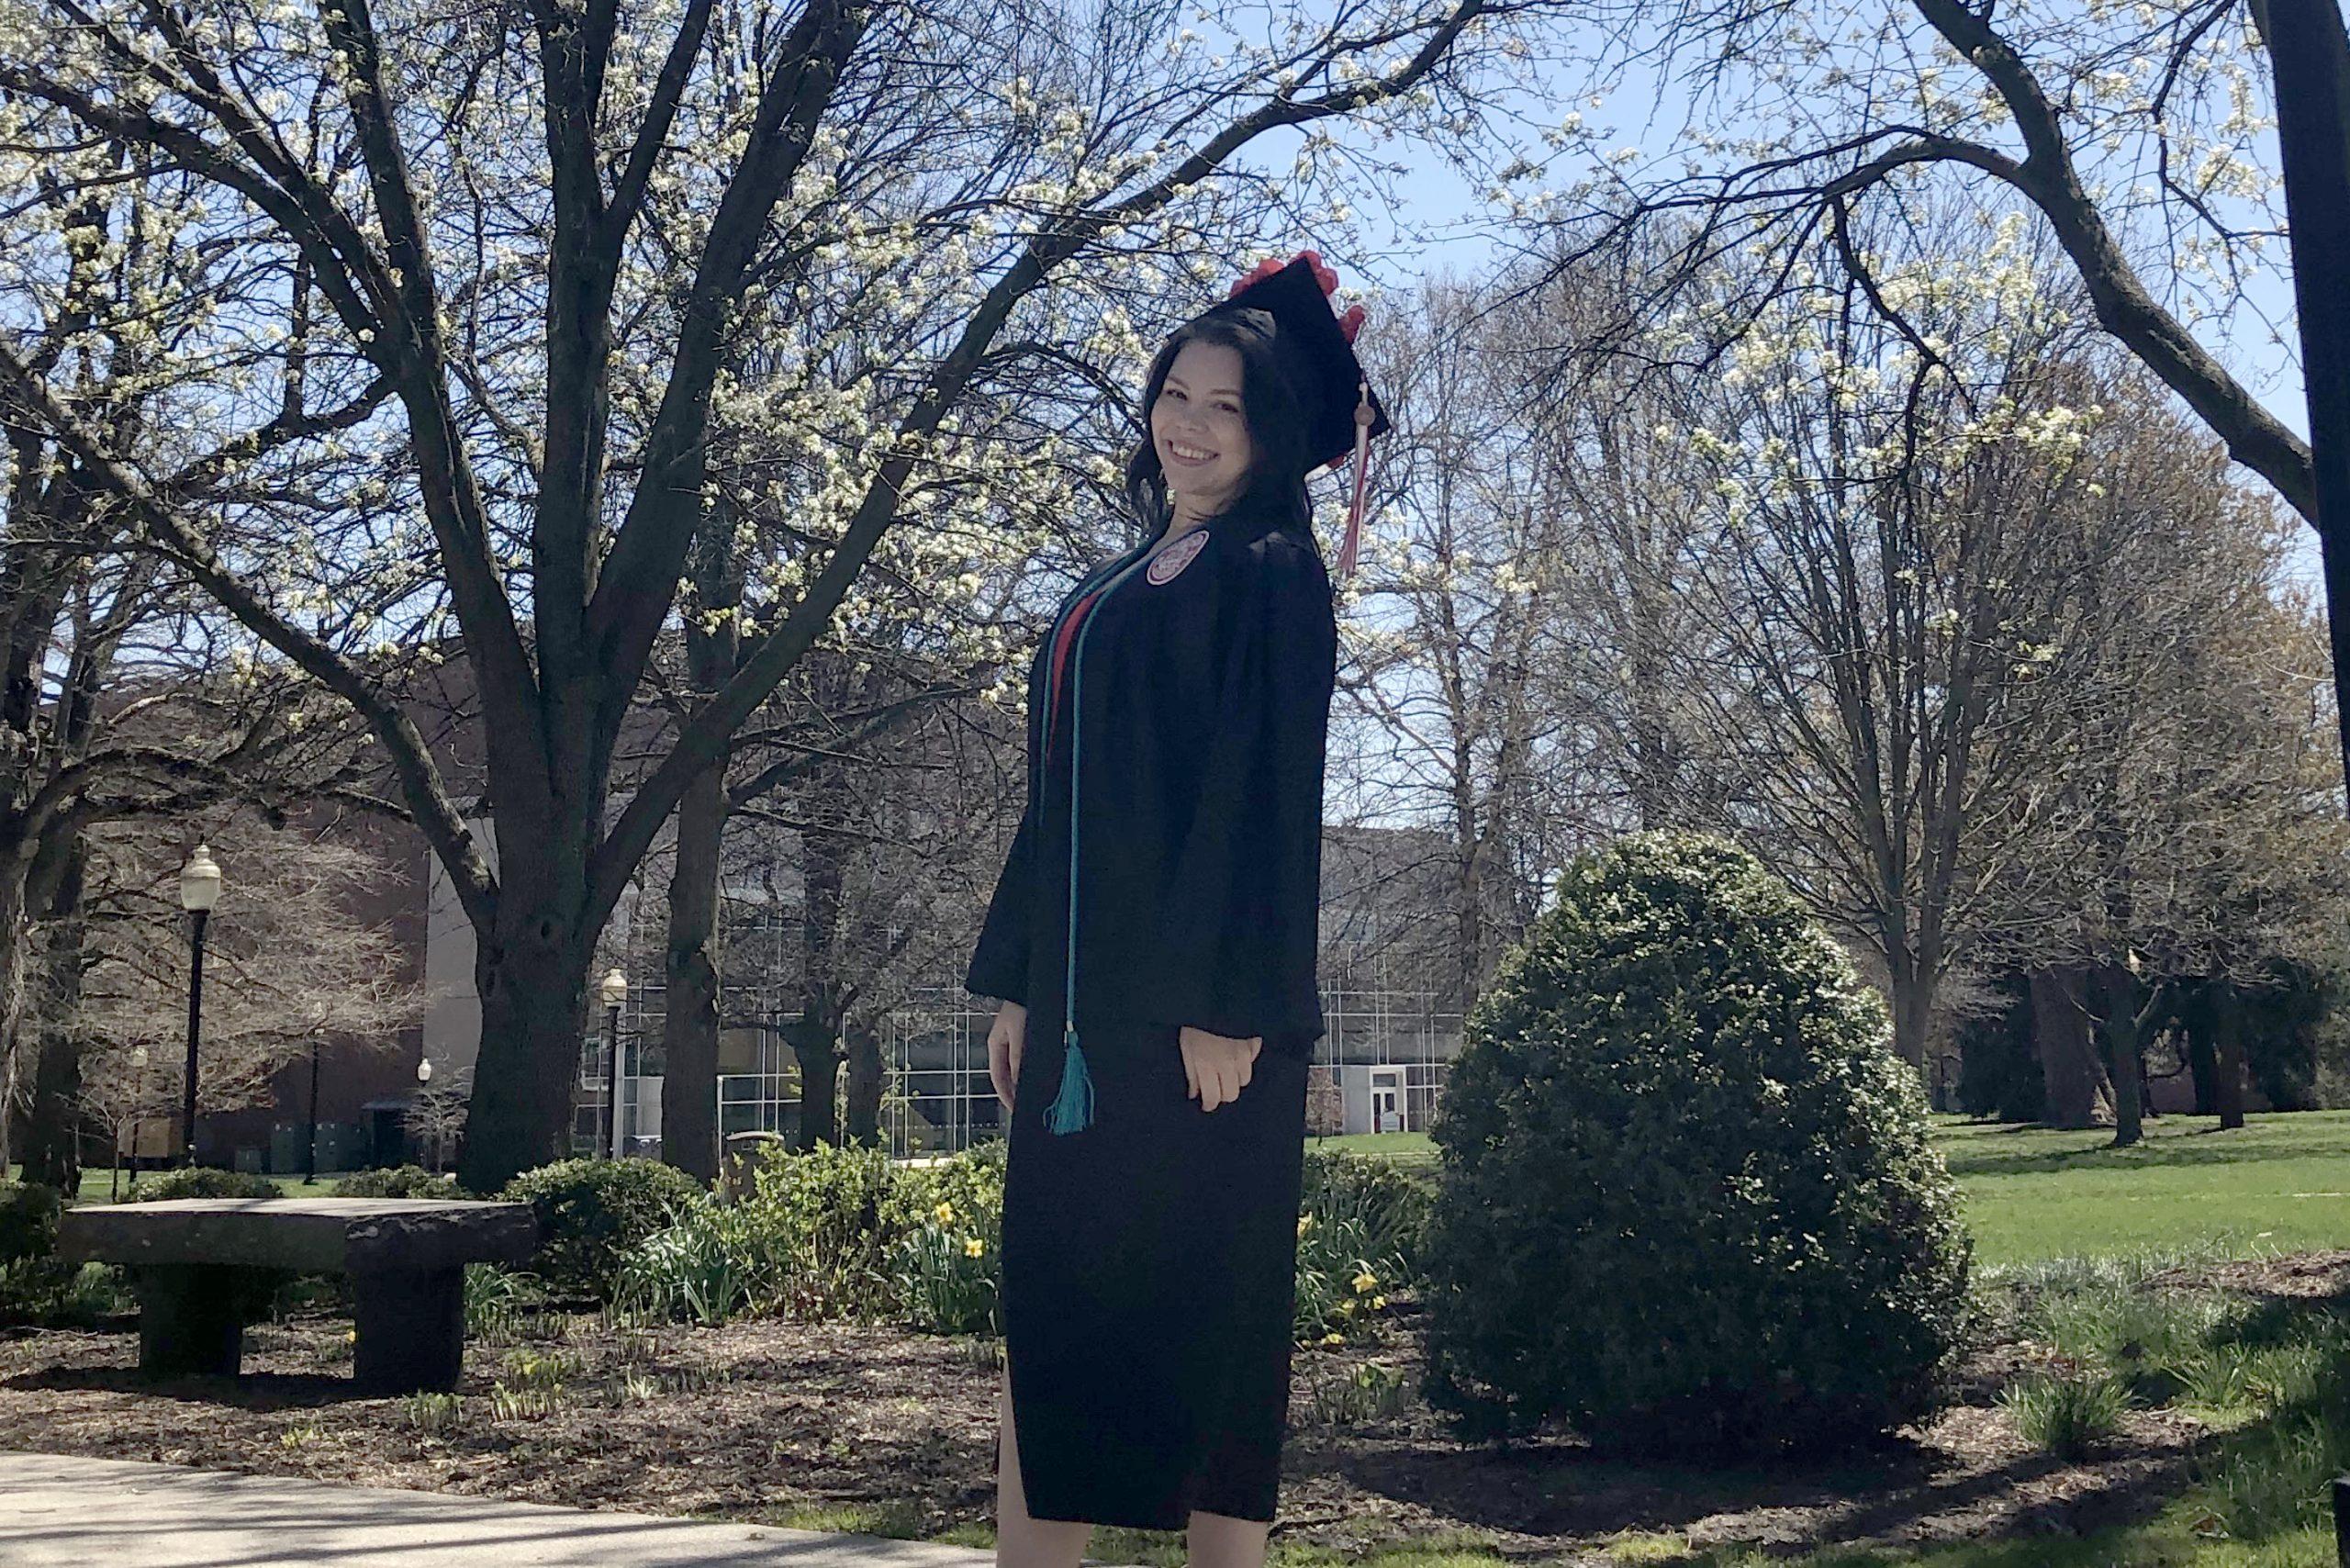 Student on Quad posing in graduation regalia